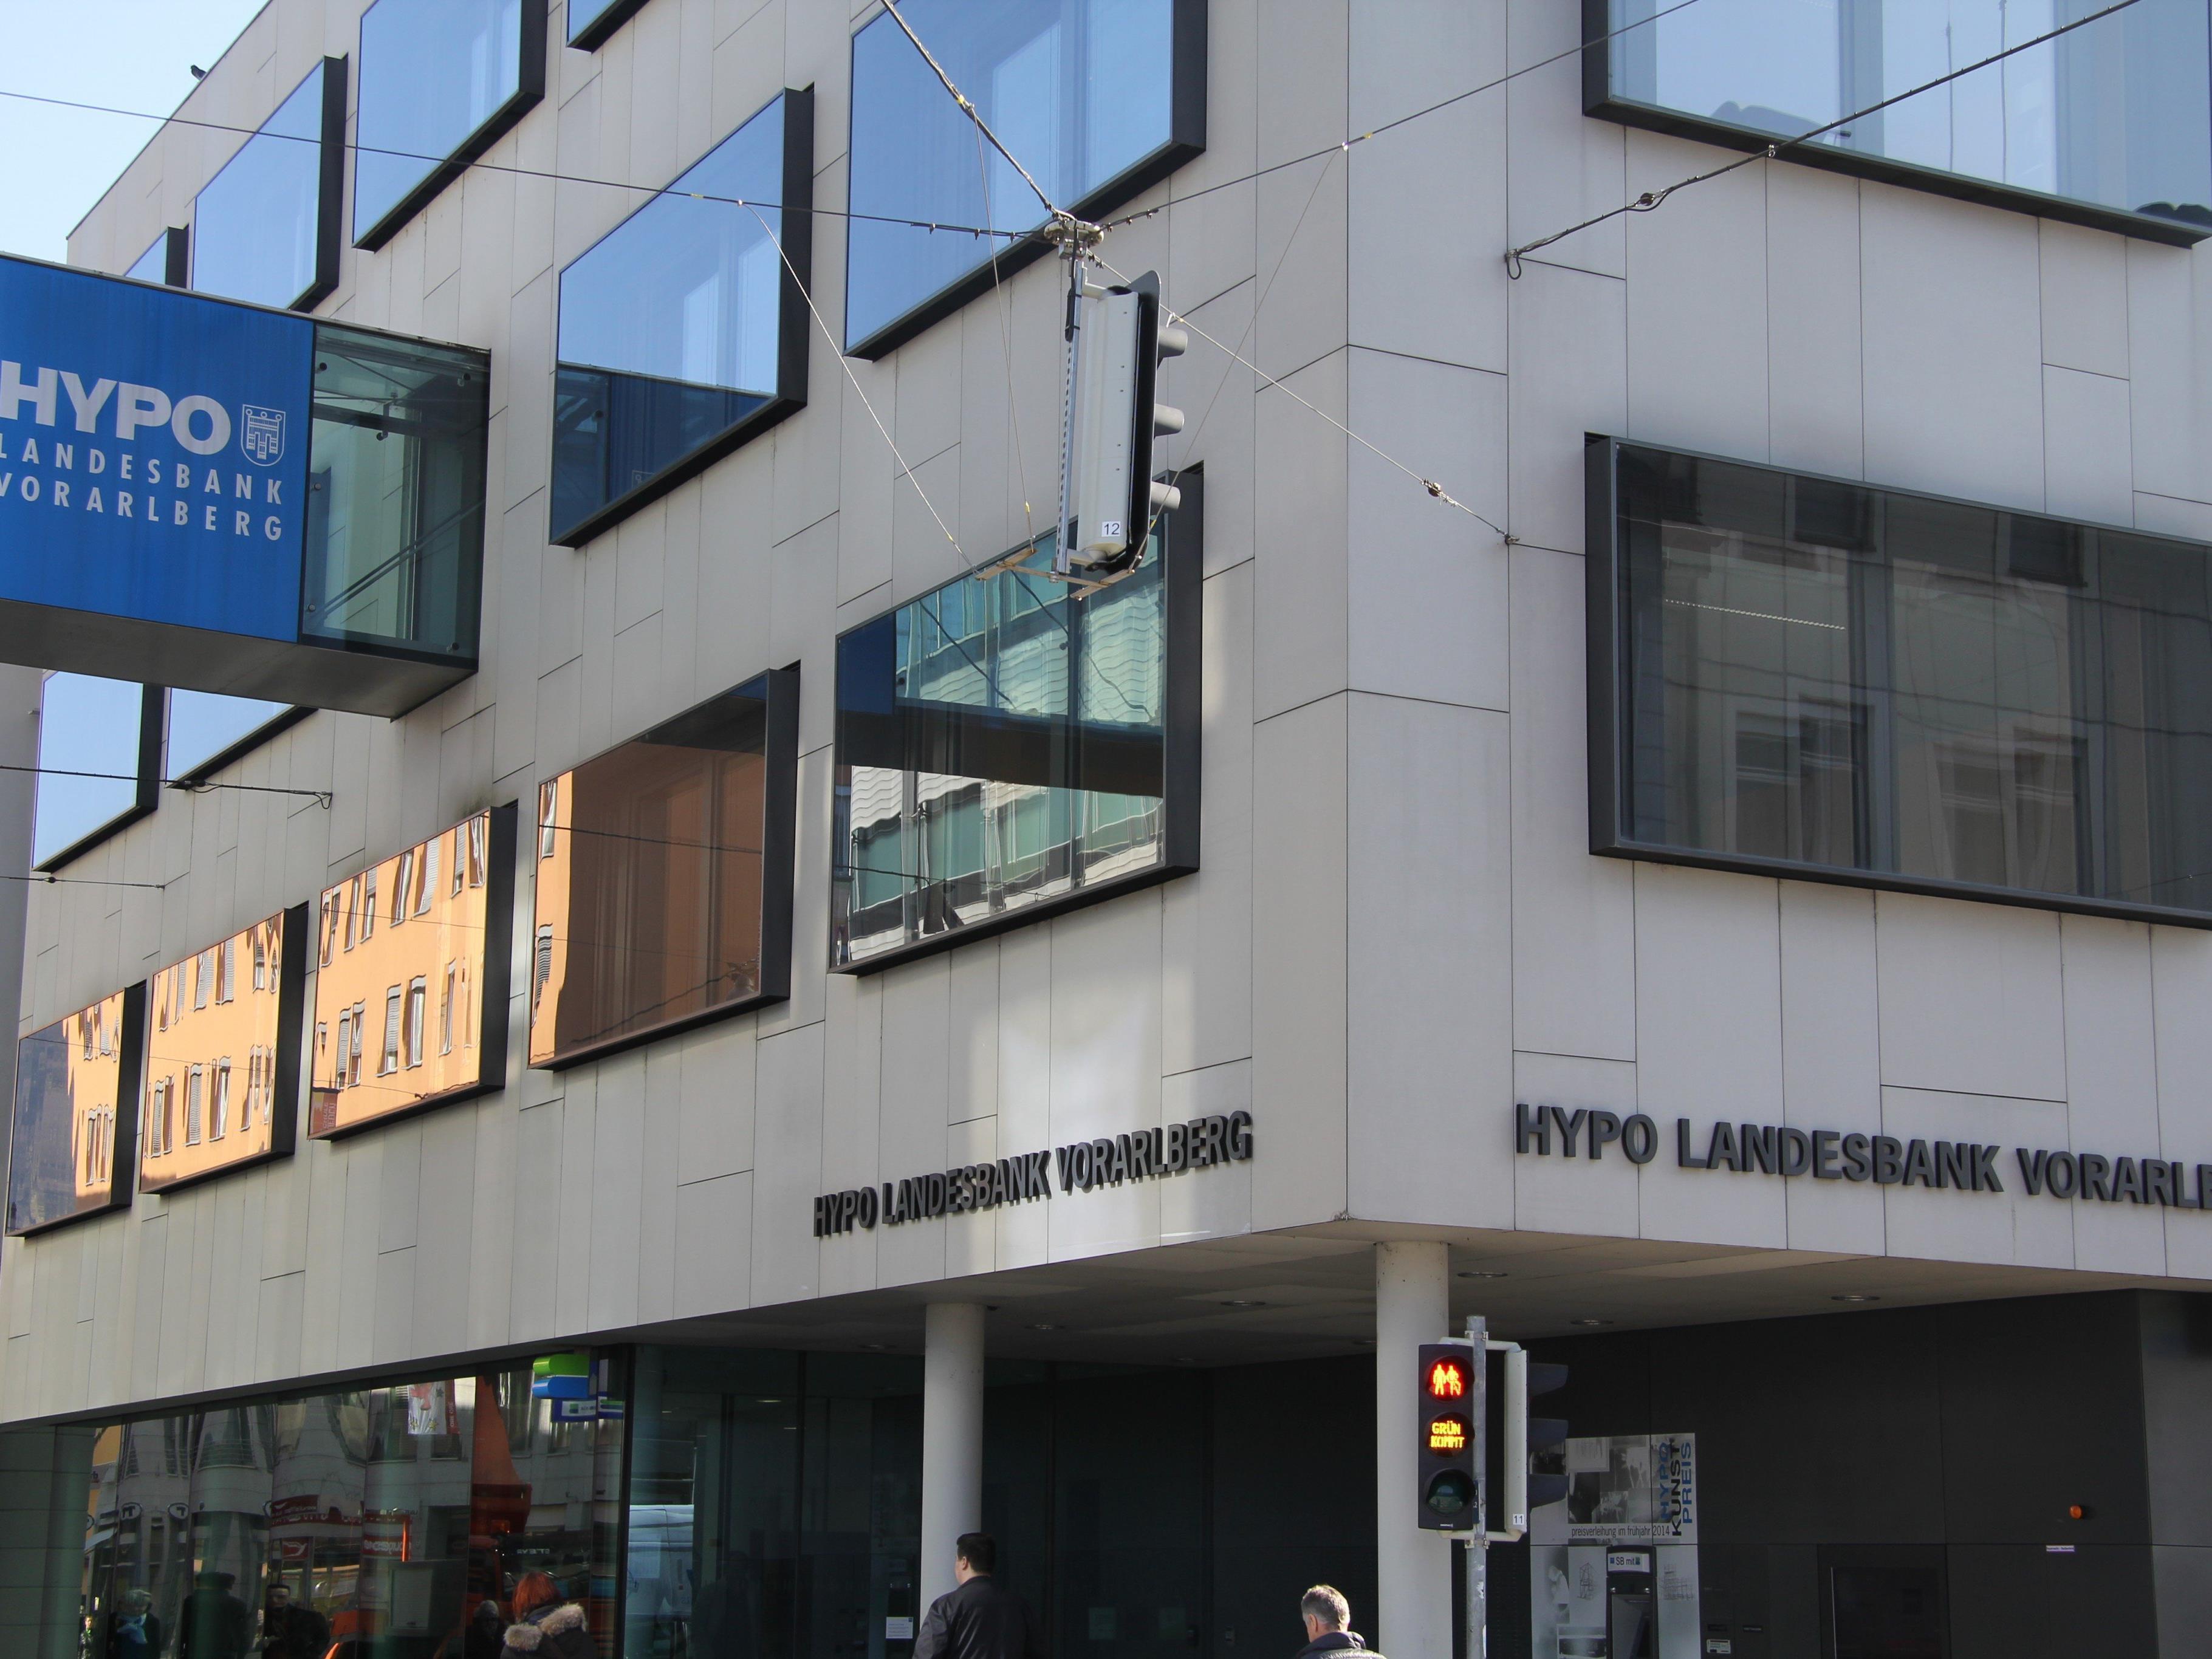 Auch die Hypo Vorarlberg ist in die Offshore-Geschäfte verwickelt.